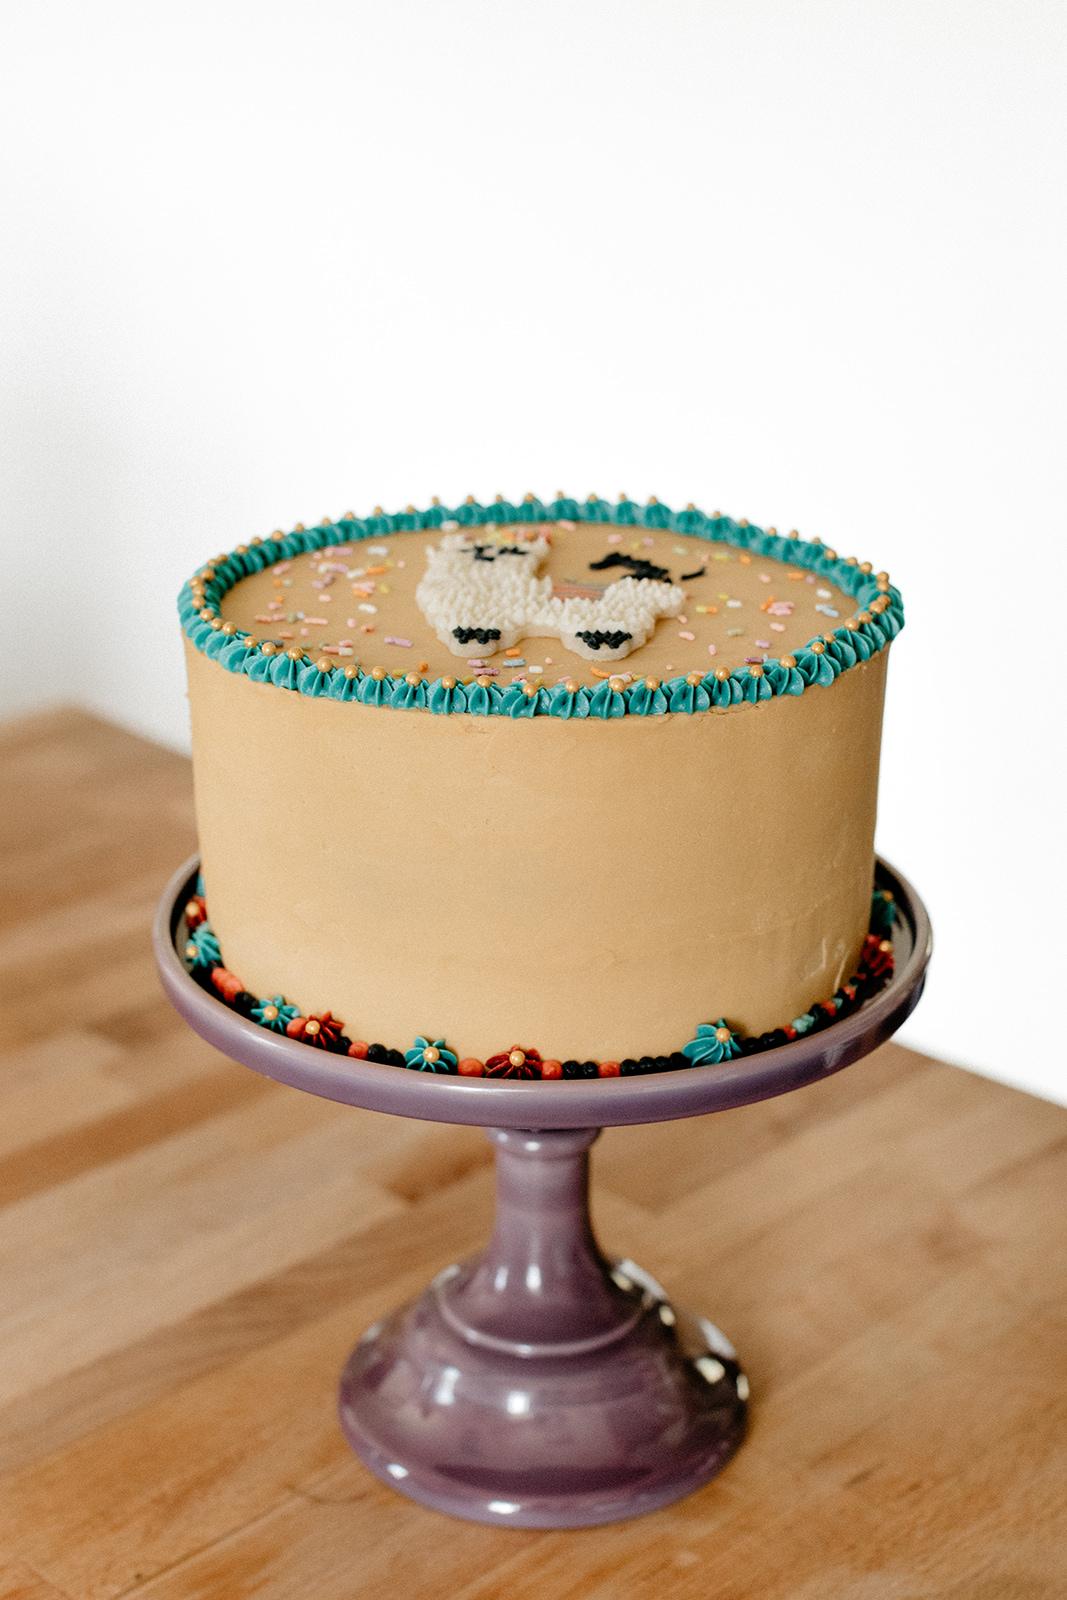 molly-yeh-rhubarb-birthday-cake-46.jpg